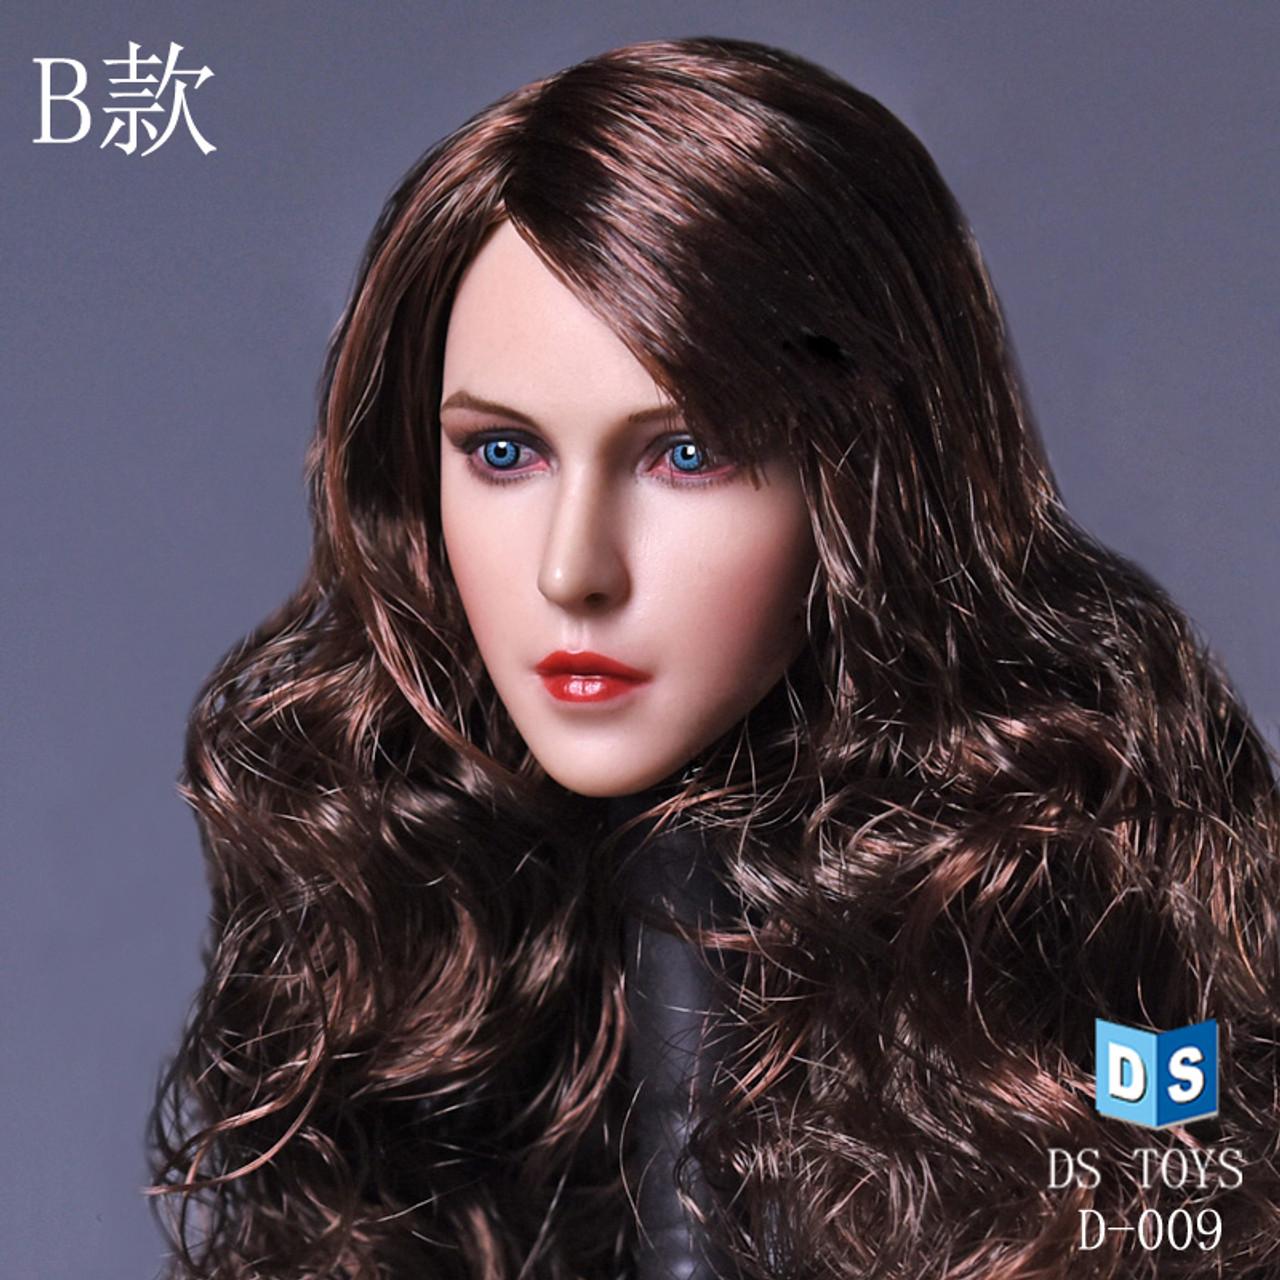 DSTOYS 1//6 Scale D005 Female Women Curls Head Sculpt F 12/'/' Phicen Body Figure